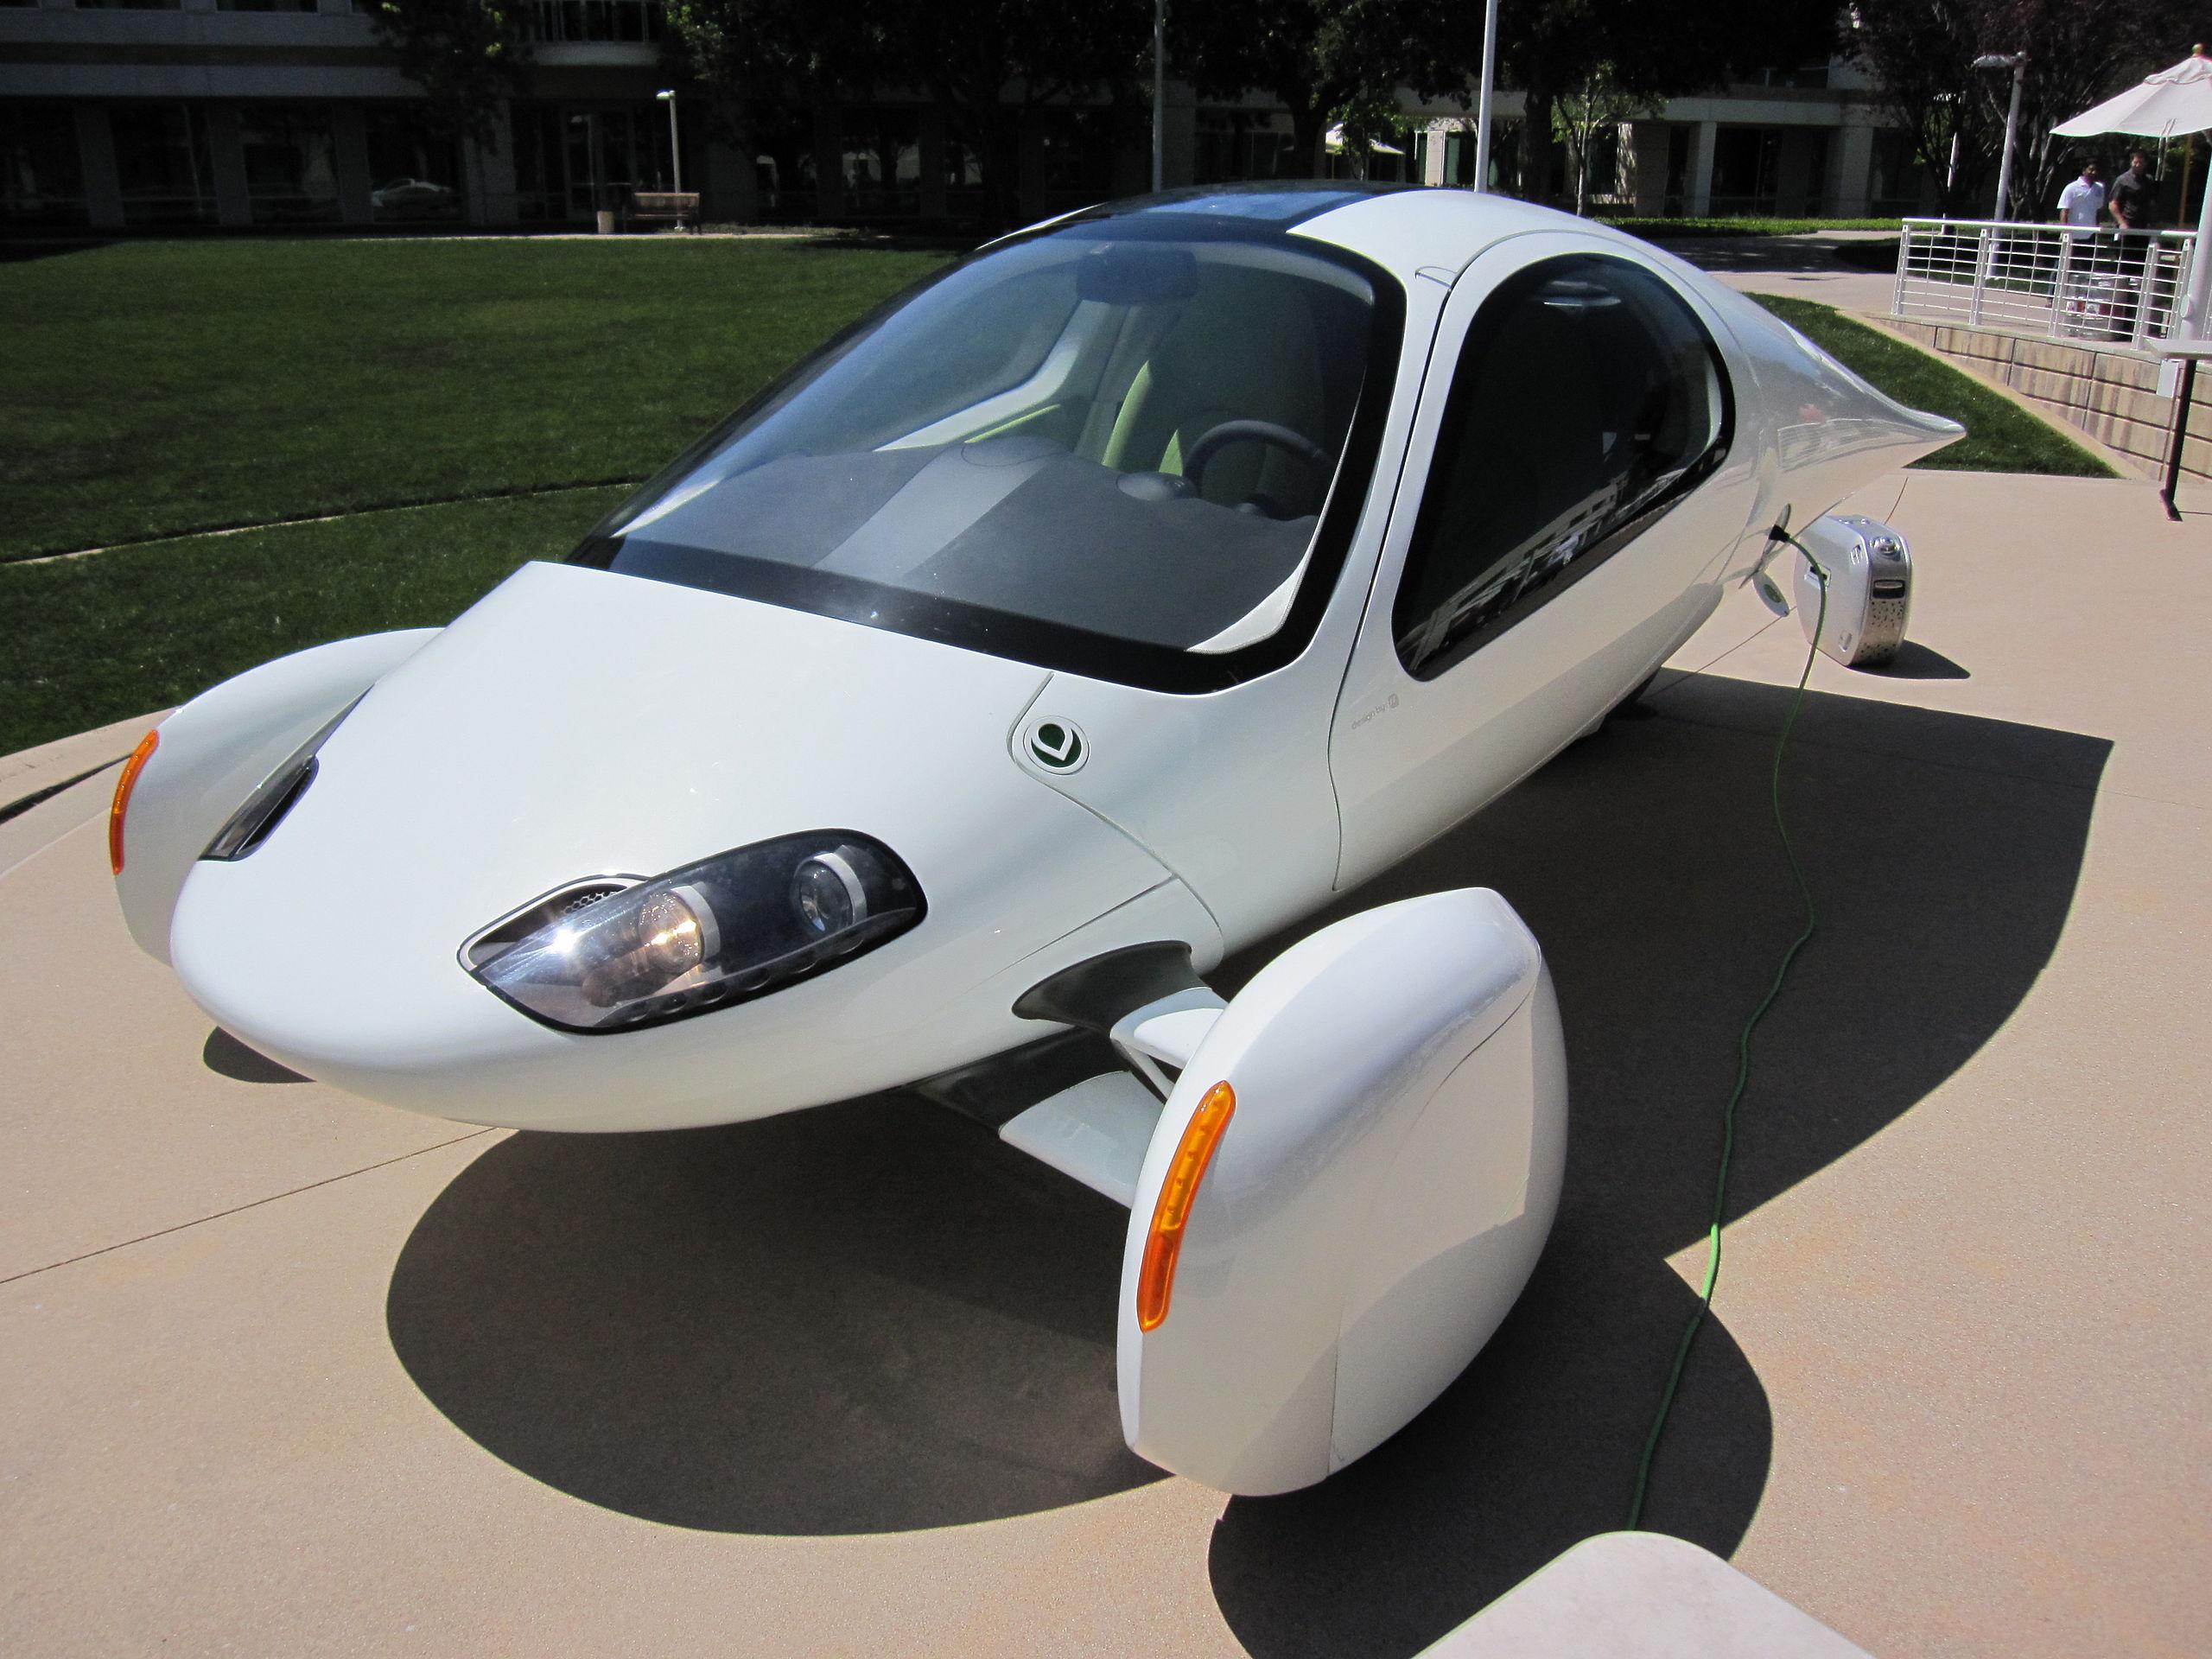 Aptera построит трехколесный электромобиль-рекордсмен.Вокруг Света. Украина